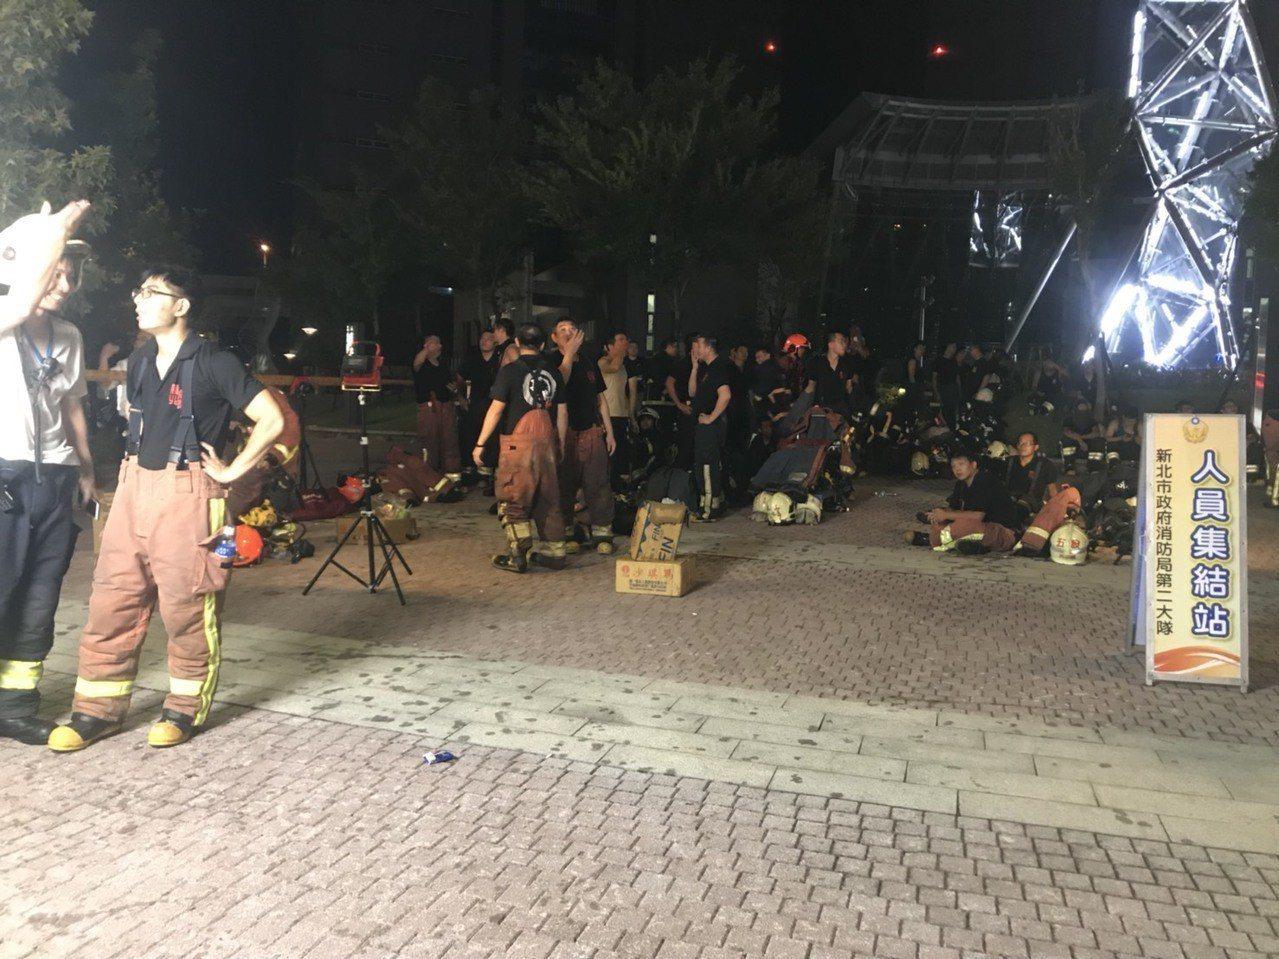 消防局弟兄集結待命,待指揮官下令進入火場撲滅殘火。記者袁志豪/攝影